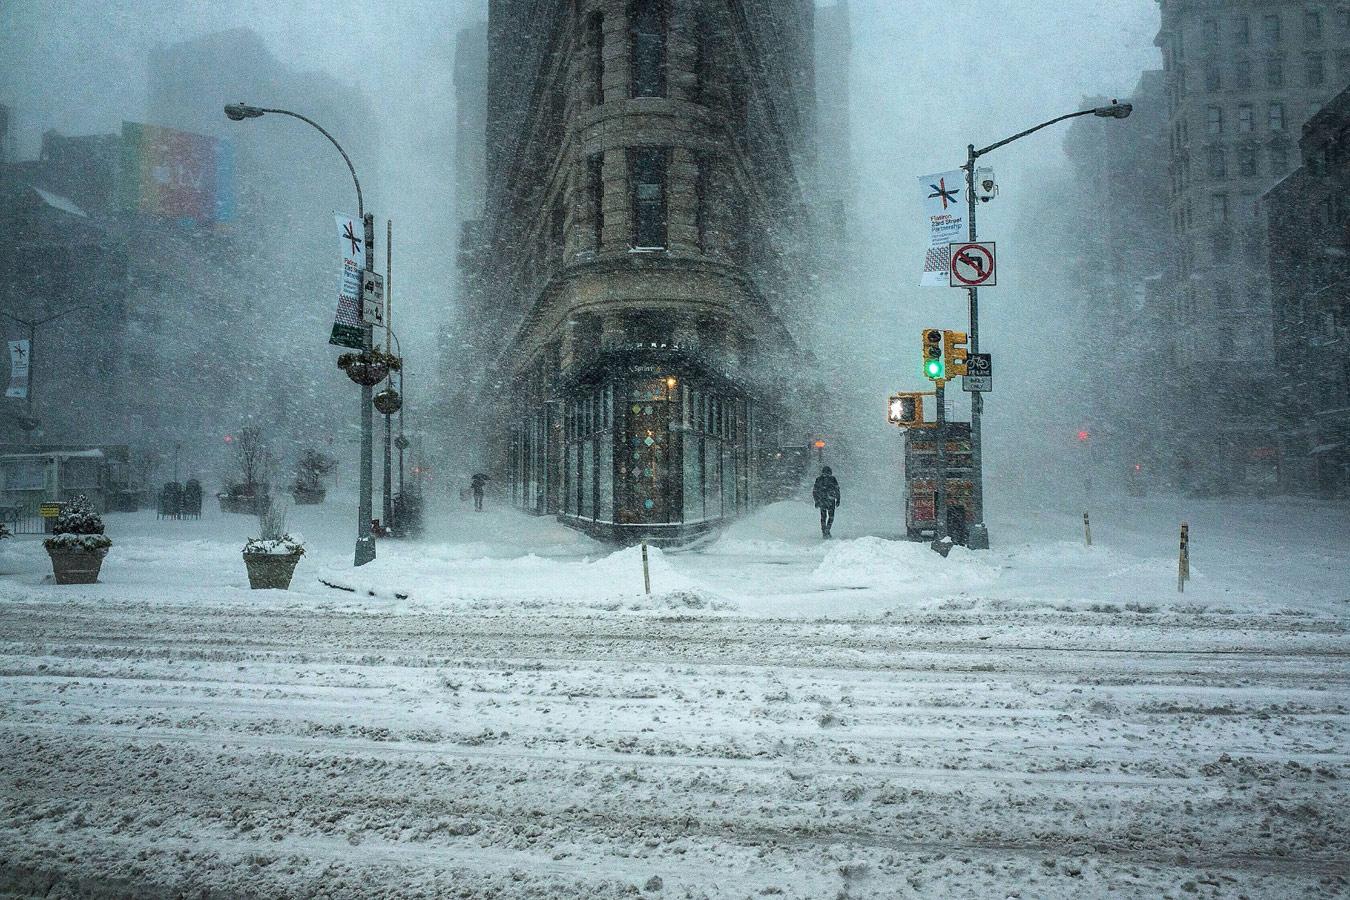 Мишель Палаццо / Michele Palazzo, Фотоконкурс RMetS / RPS Weather